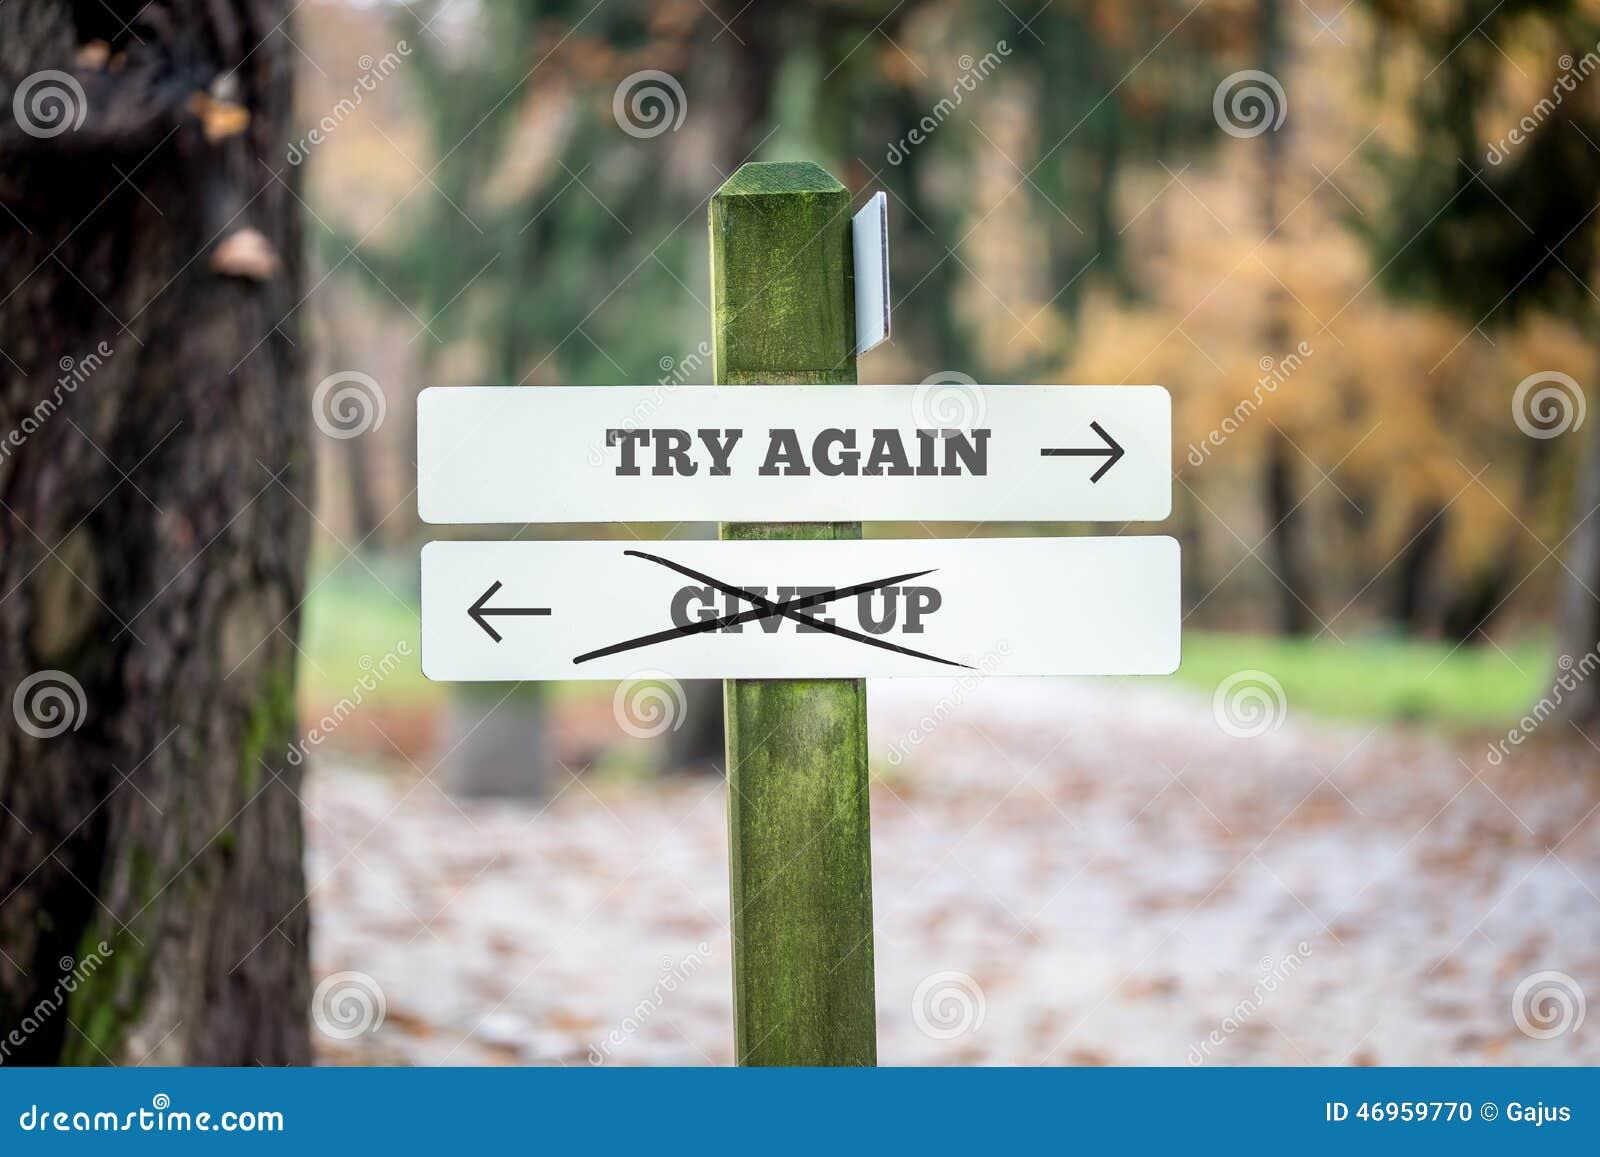 Het uithangbord met twee tekens die - probeer opnieuw zeggen - geeft - richtend op